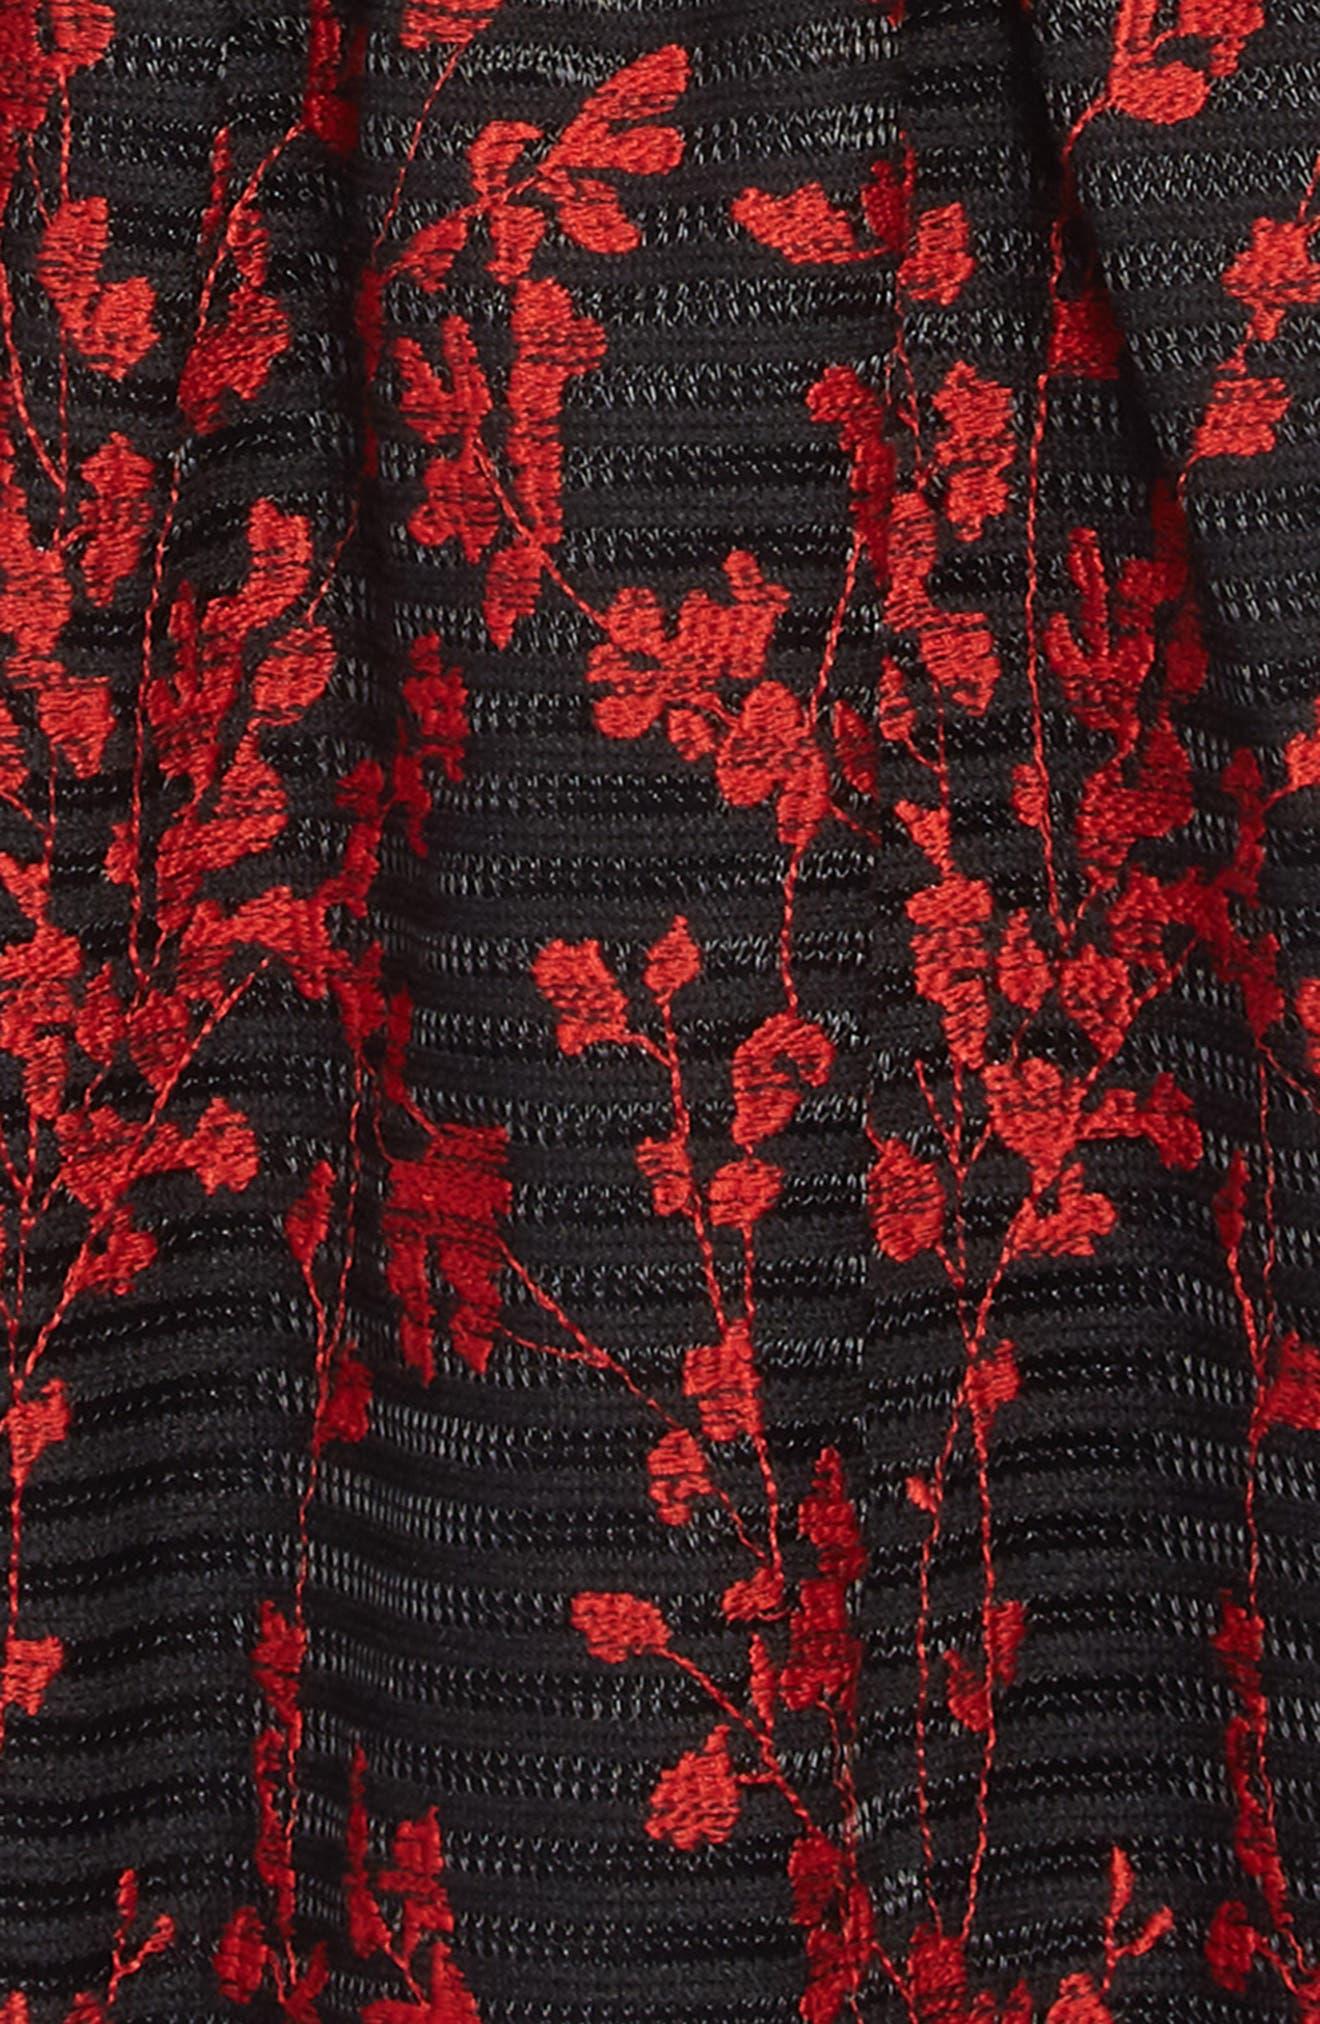 Mercer Flower Embroidered Dress,                             Alternate thumbnail 3, color,                             BLACK